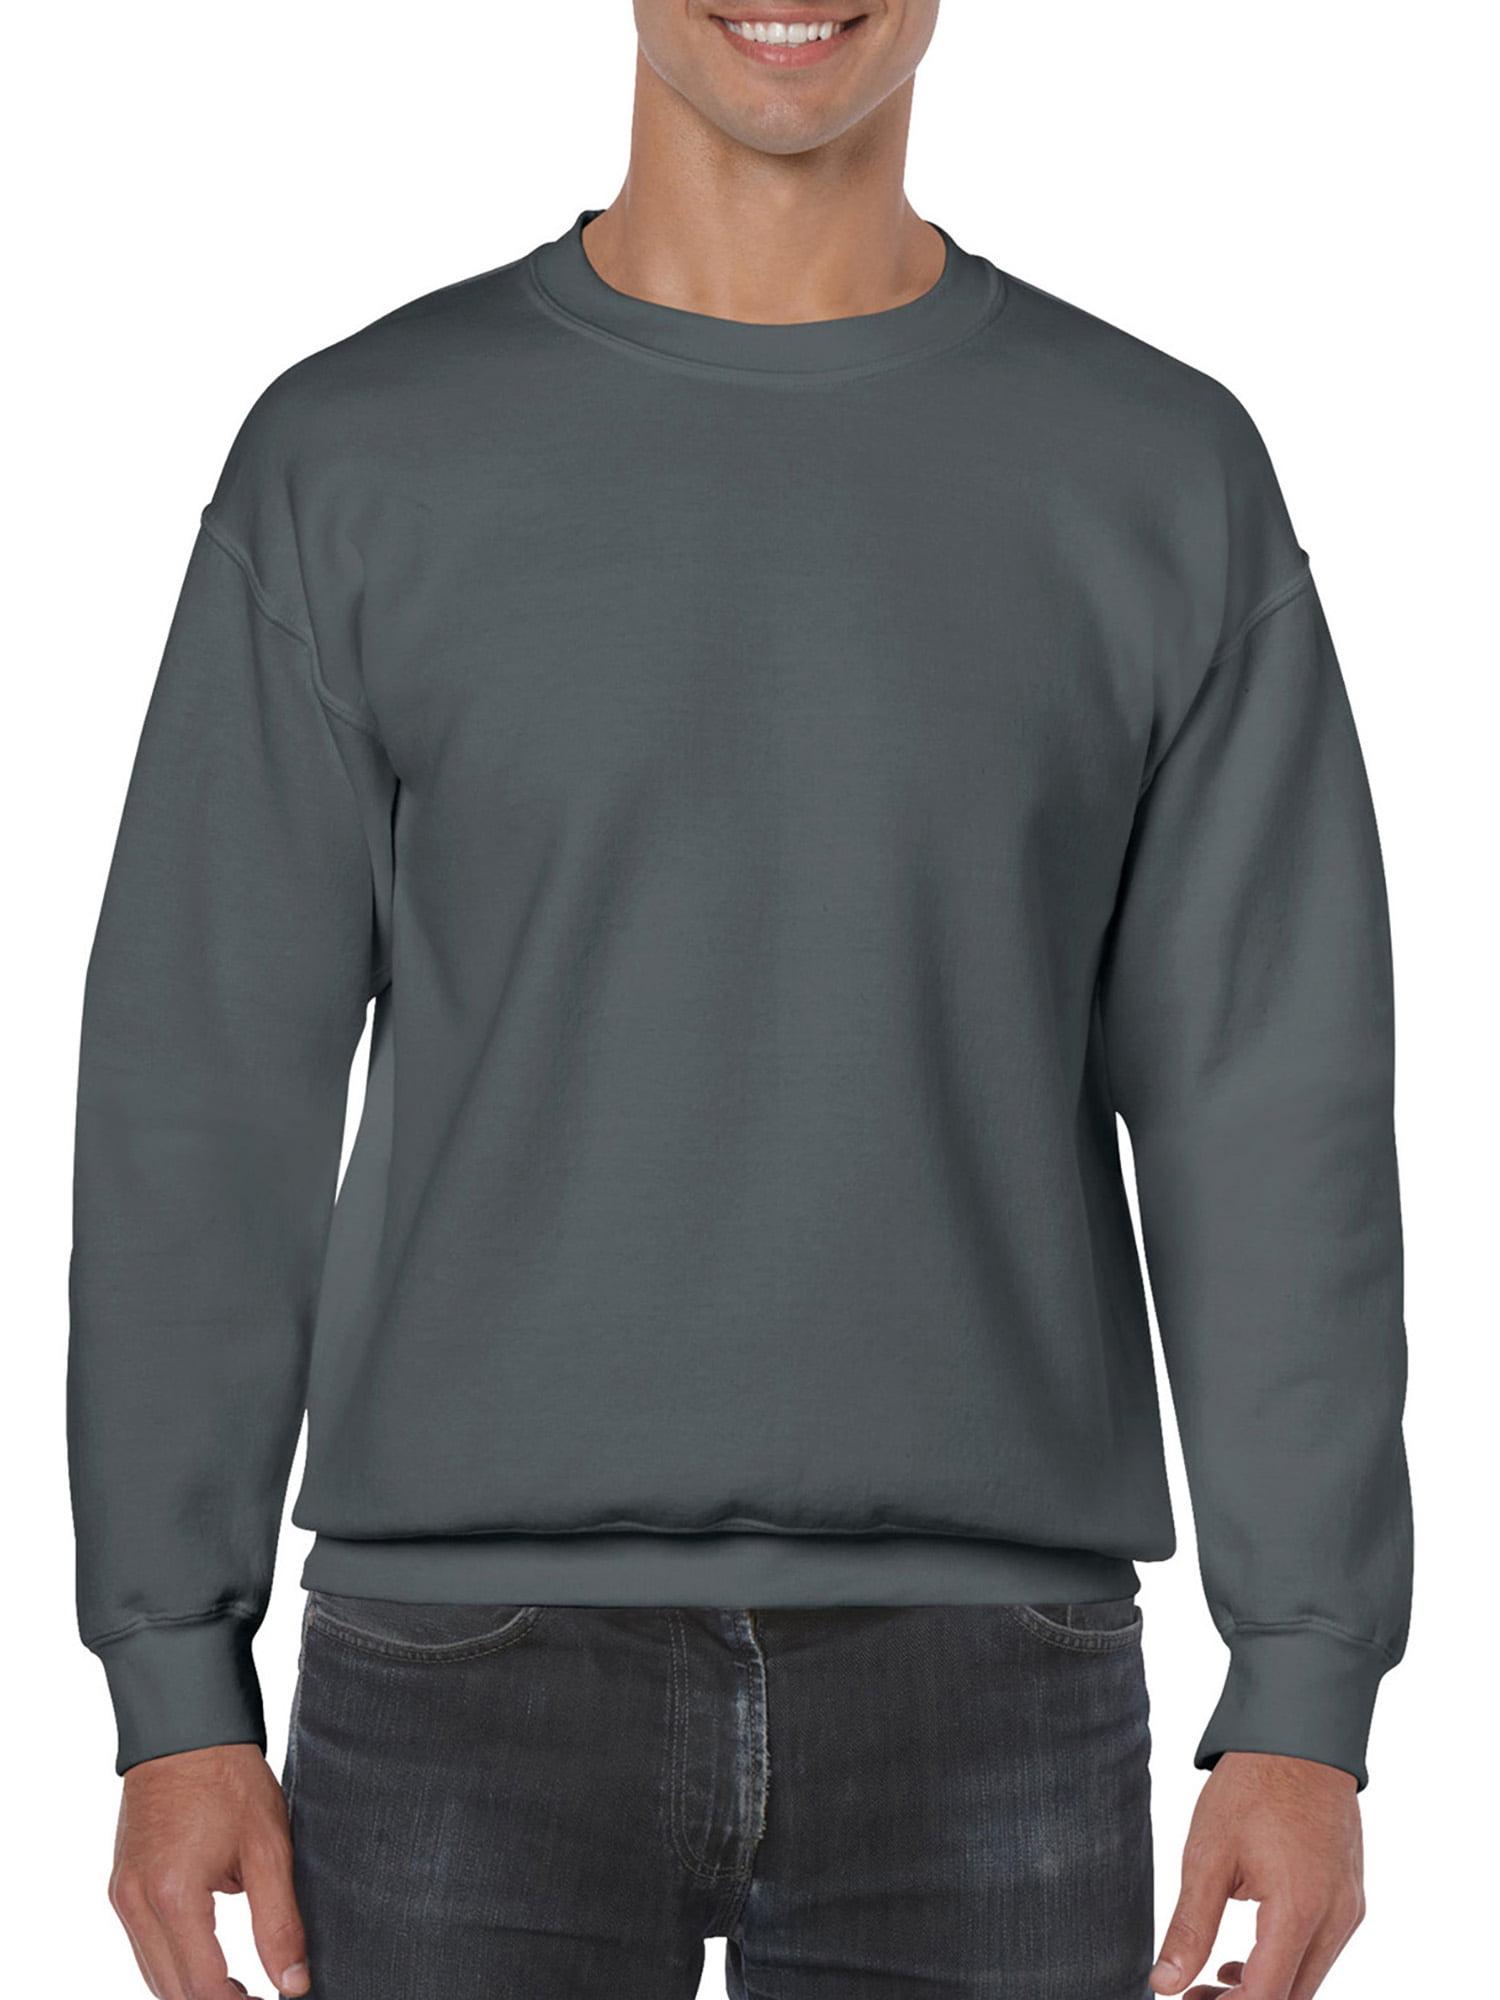 d72cbdc89977 Gildan - Mens Crewneck Sweatshirt - Walmart.com